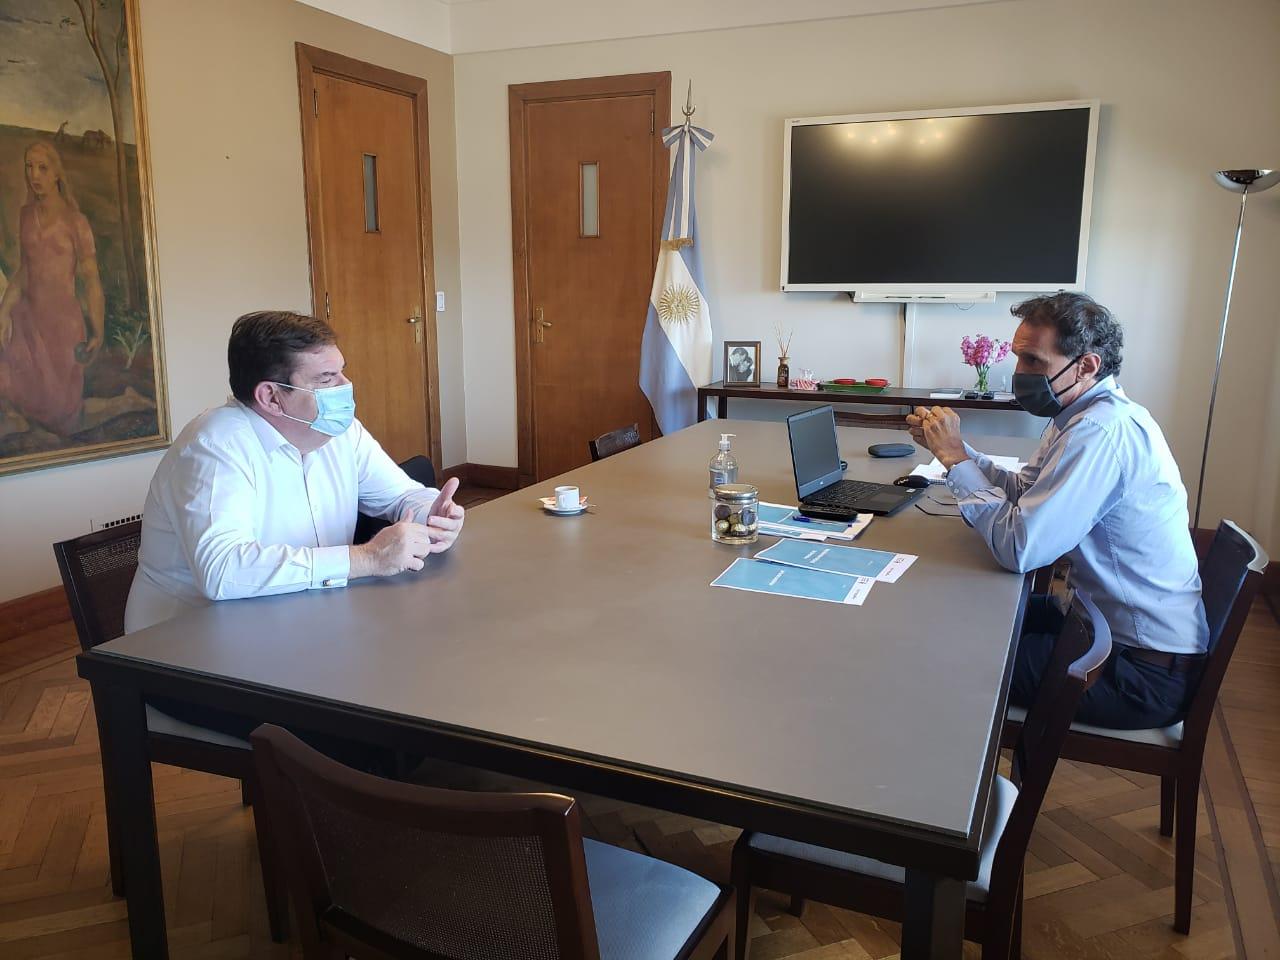 Cafiero recibió a Montenegro para analizar el desarrollo productivo y turístico de Mar del Plata